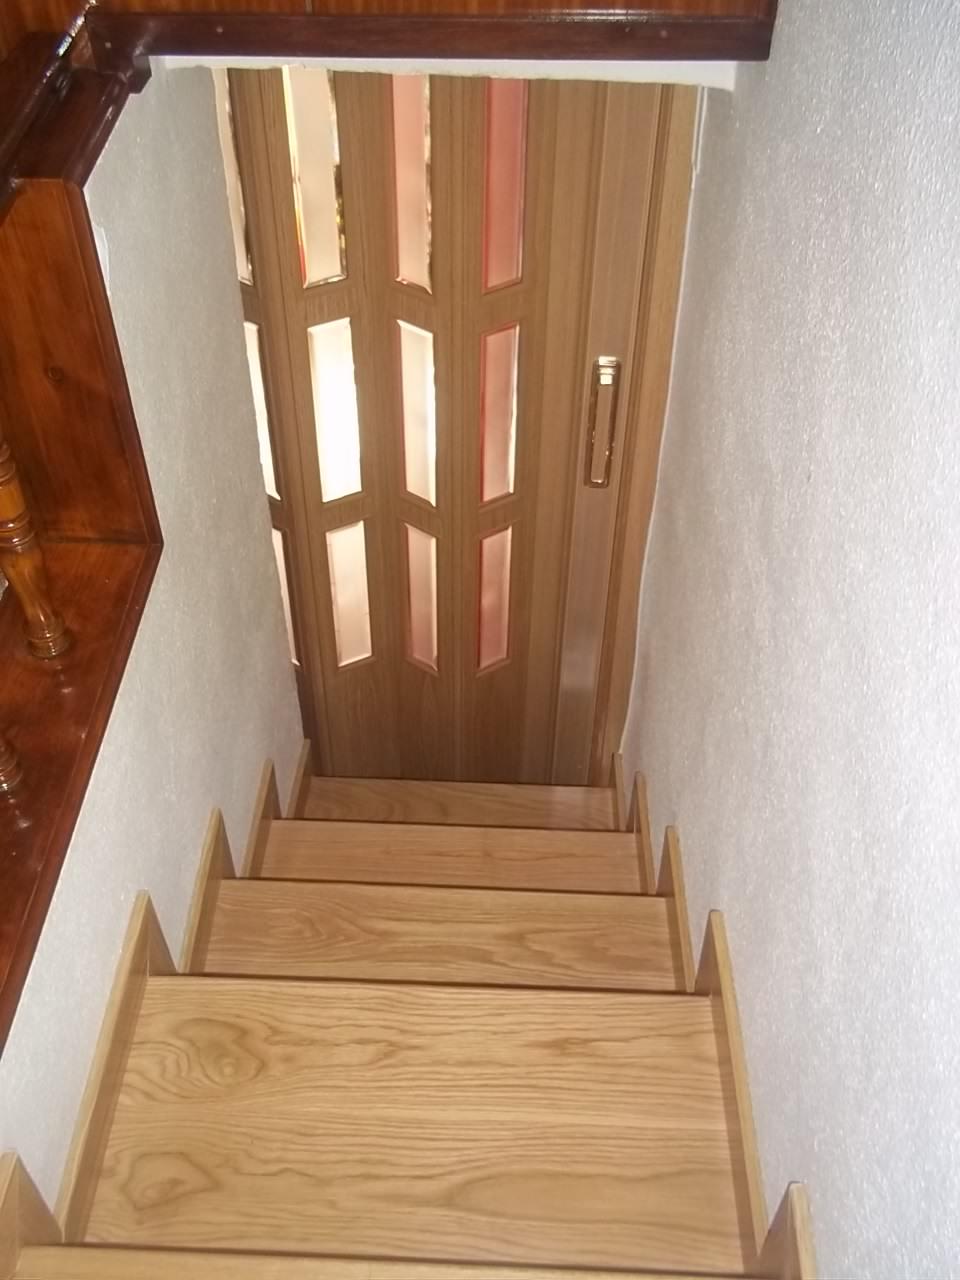 Carpinteria viosca roda puerta plegable con caseton - Puertas correderas y plegables ...